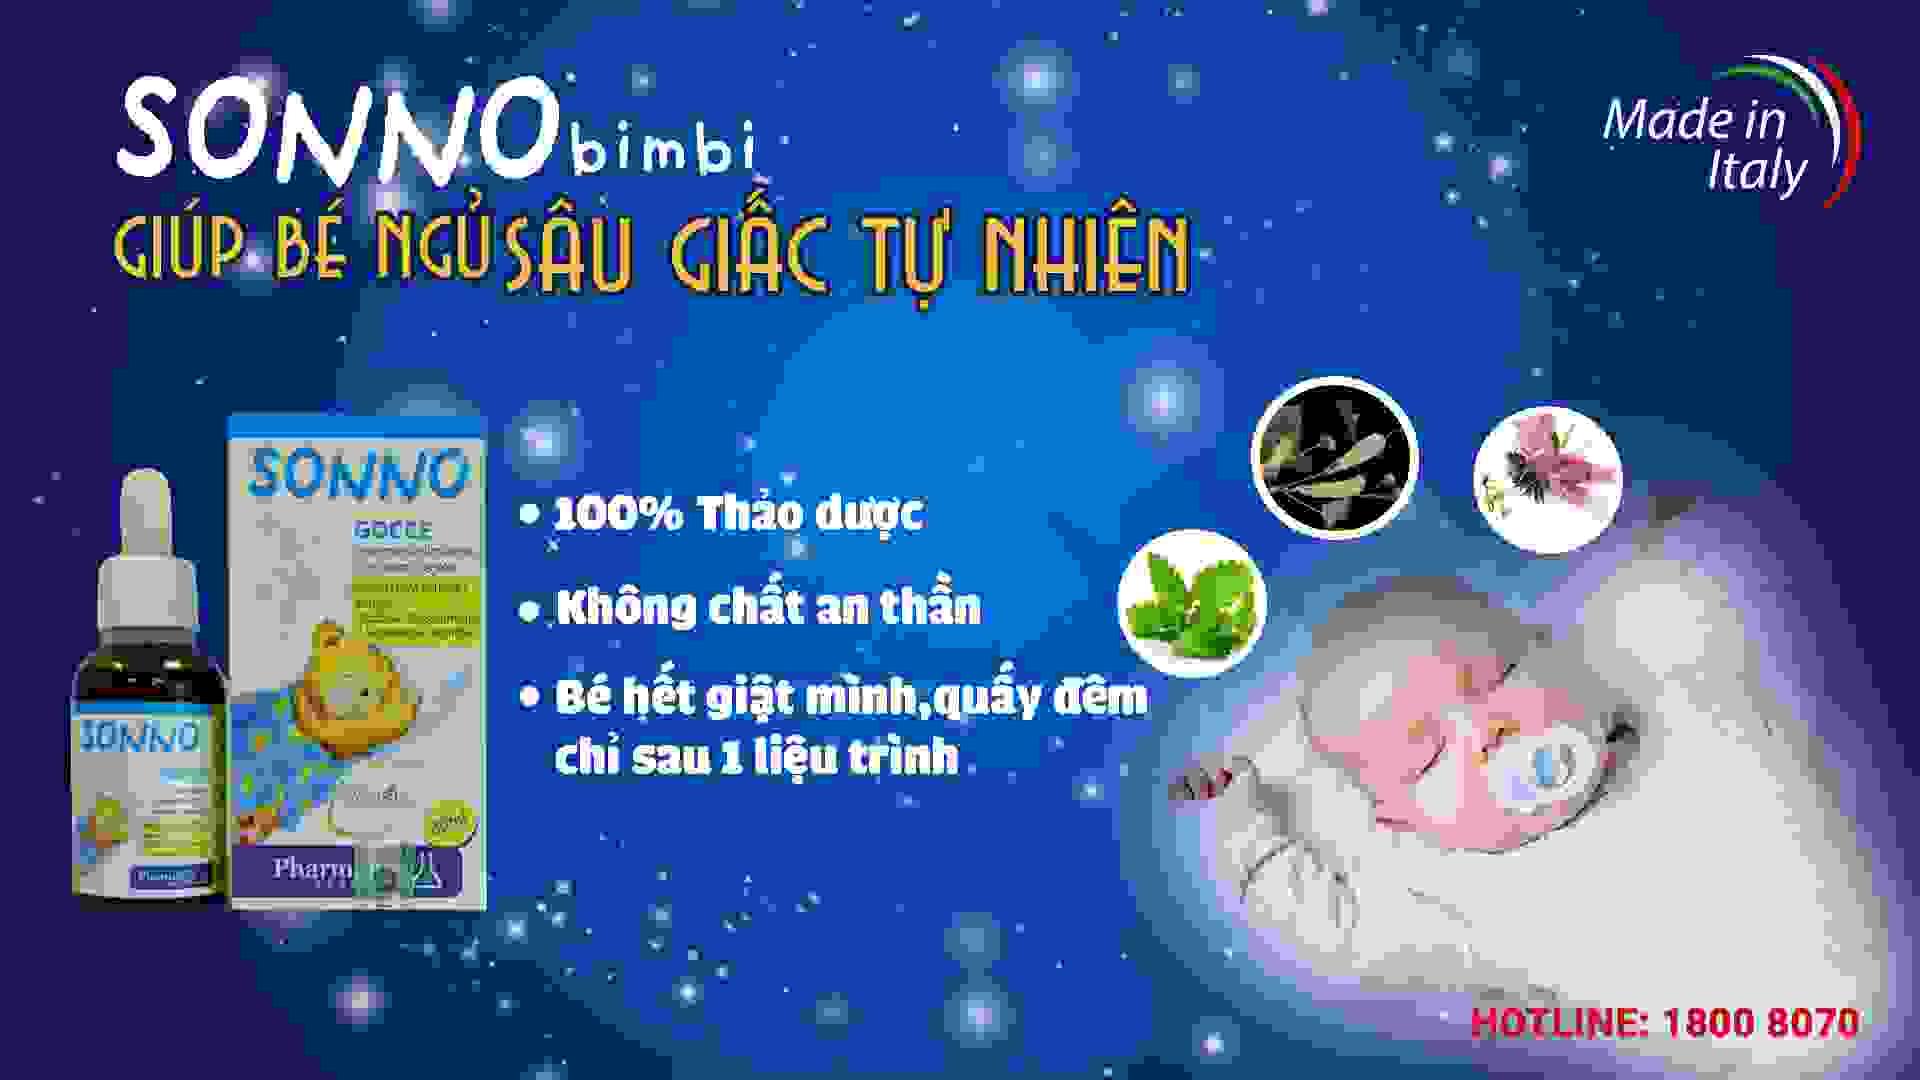 Giải pháp giúp mẹ cai sữa hiệu quả cho bé mà không lo bé quấy khóc 1